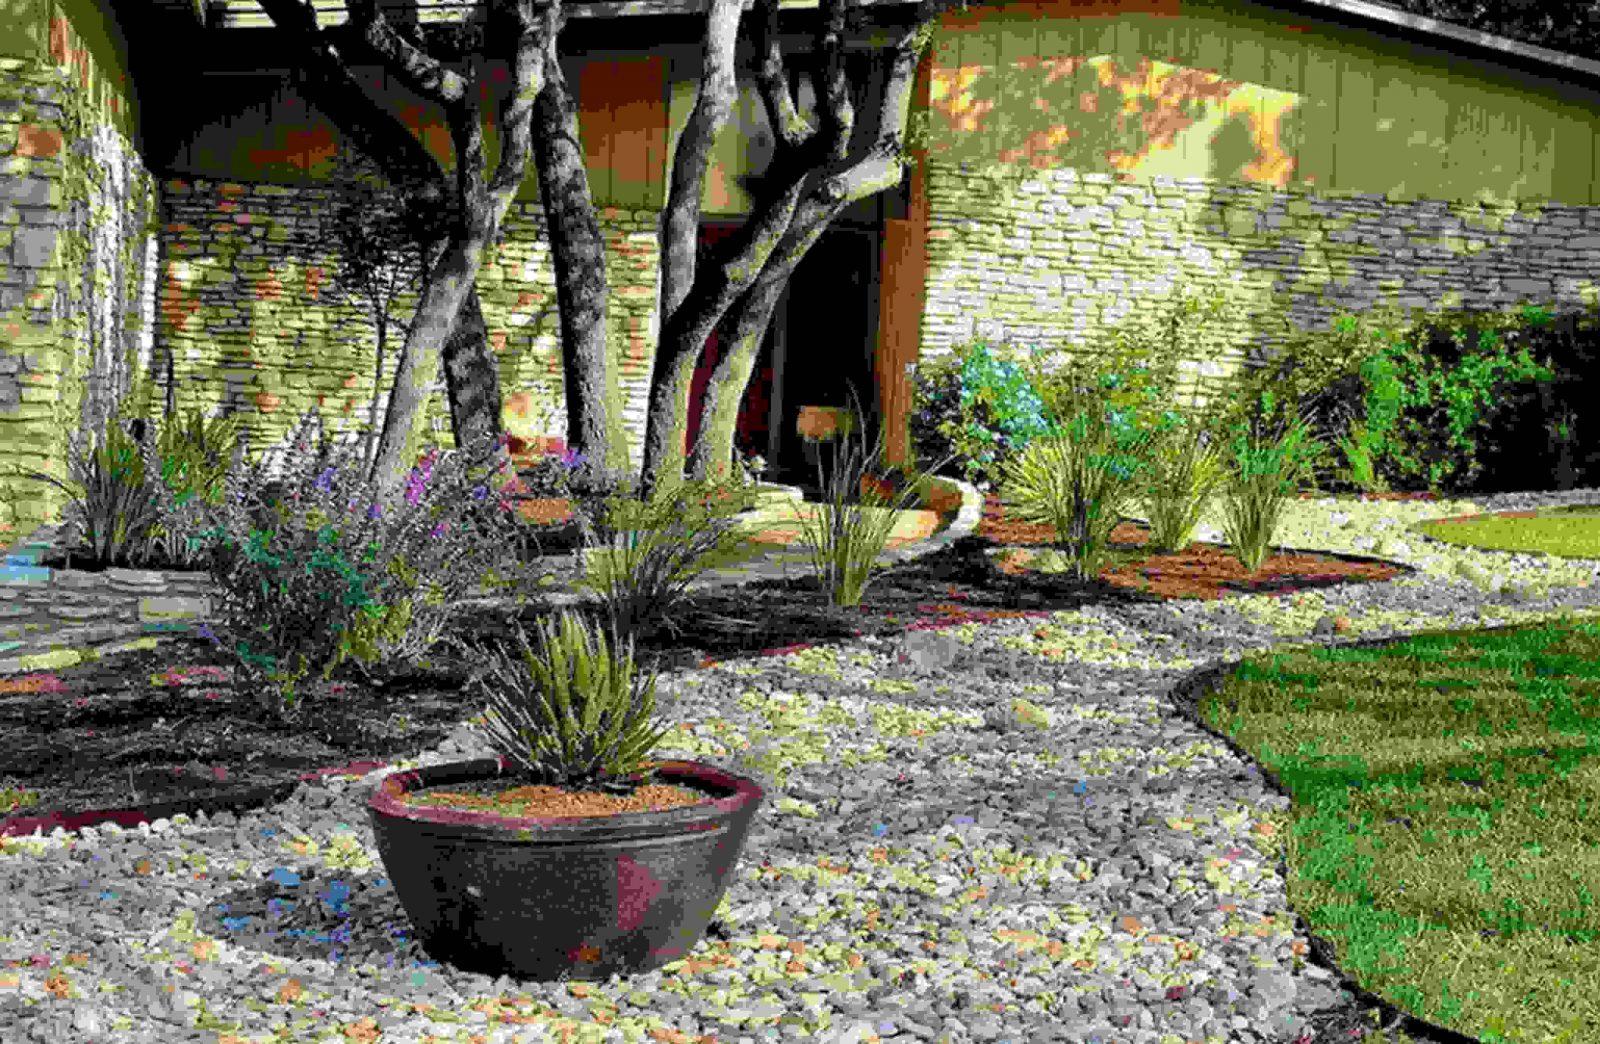 Gartengestaltung Ideen Mit Steinen Großartig Gartengestaltung Mit von Gartengestaltung Ideen Mit Steinen Photo